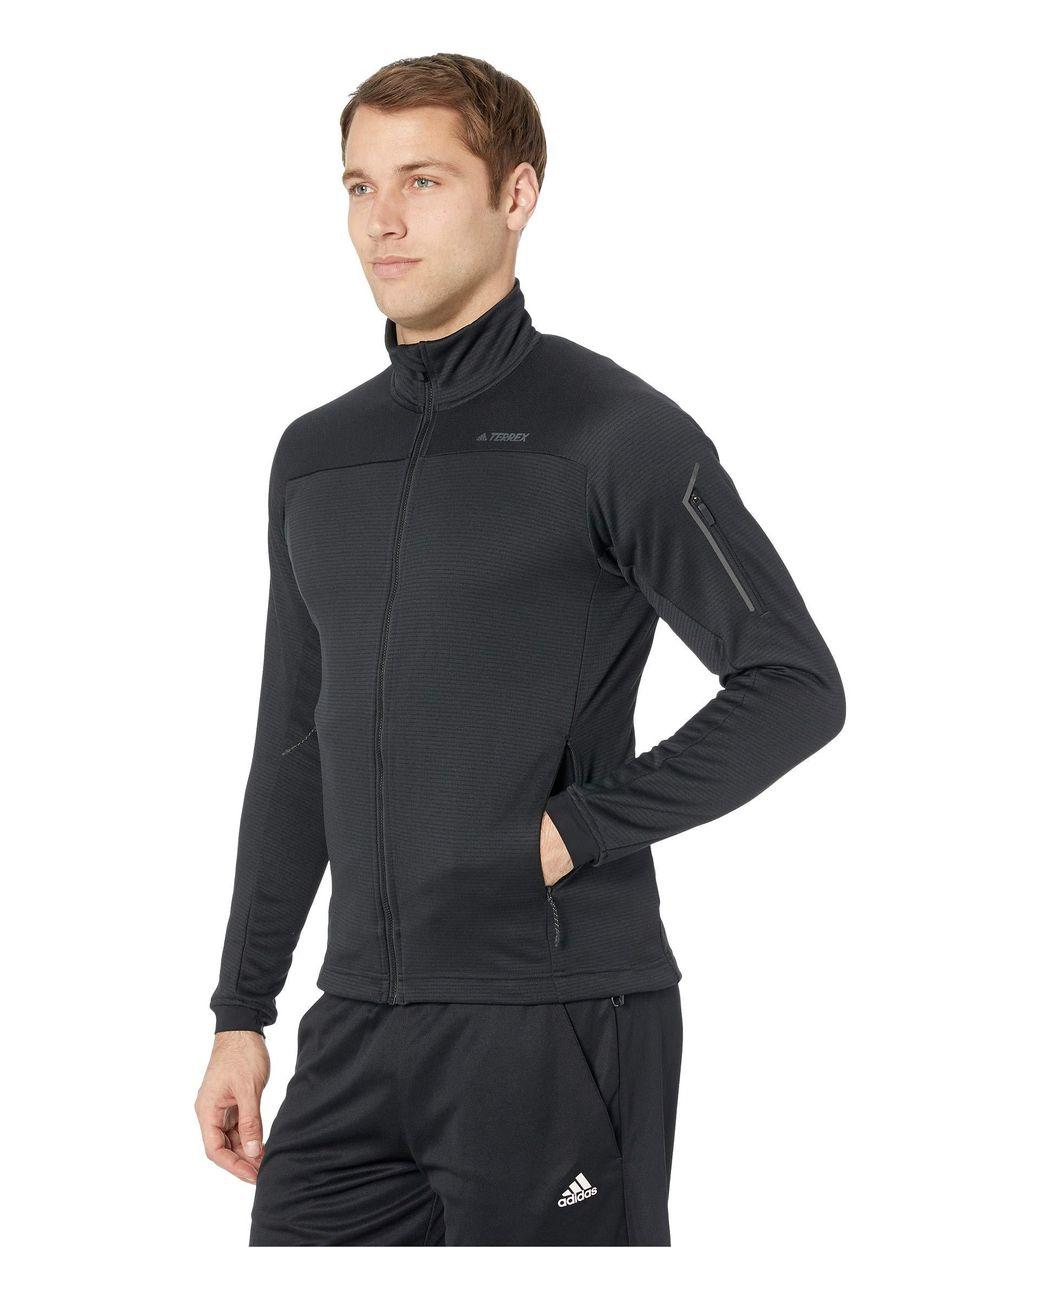 adidas Terrex Stockhorn Fleece Jacket in Black for Men